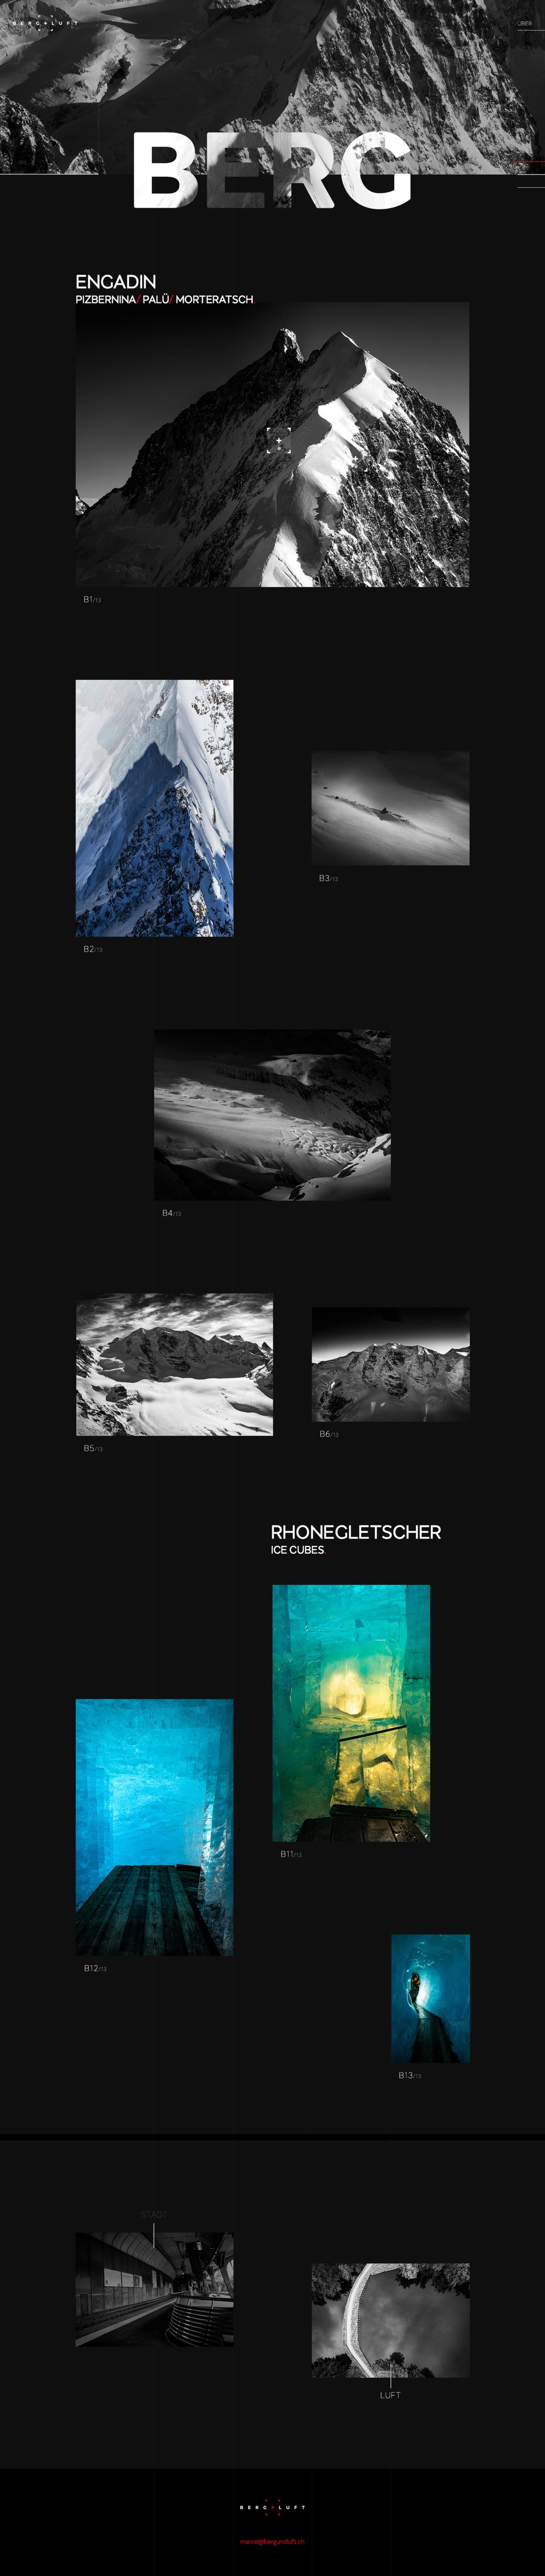 UIUX_8chDesign B+L - Uster